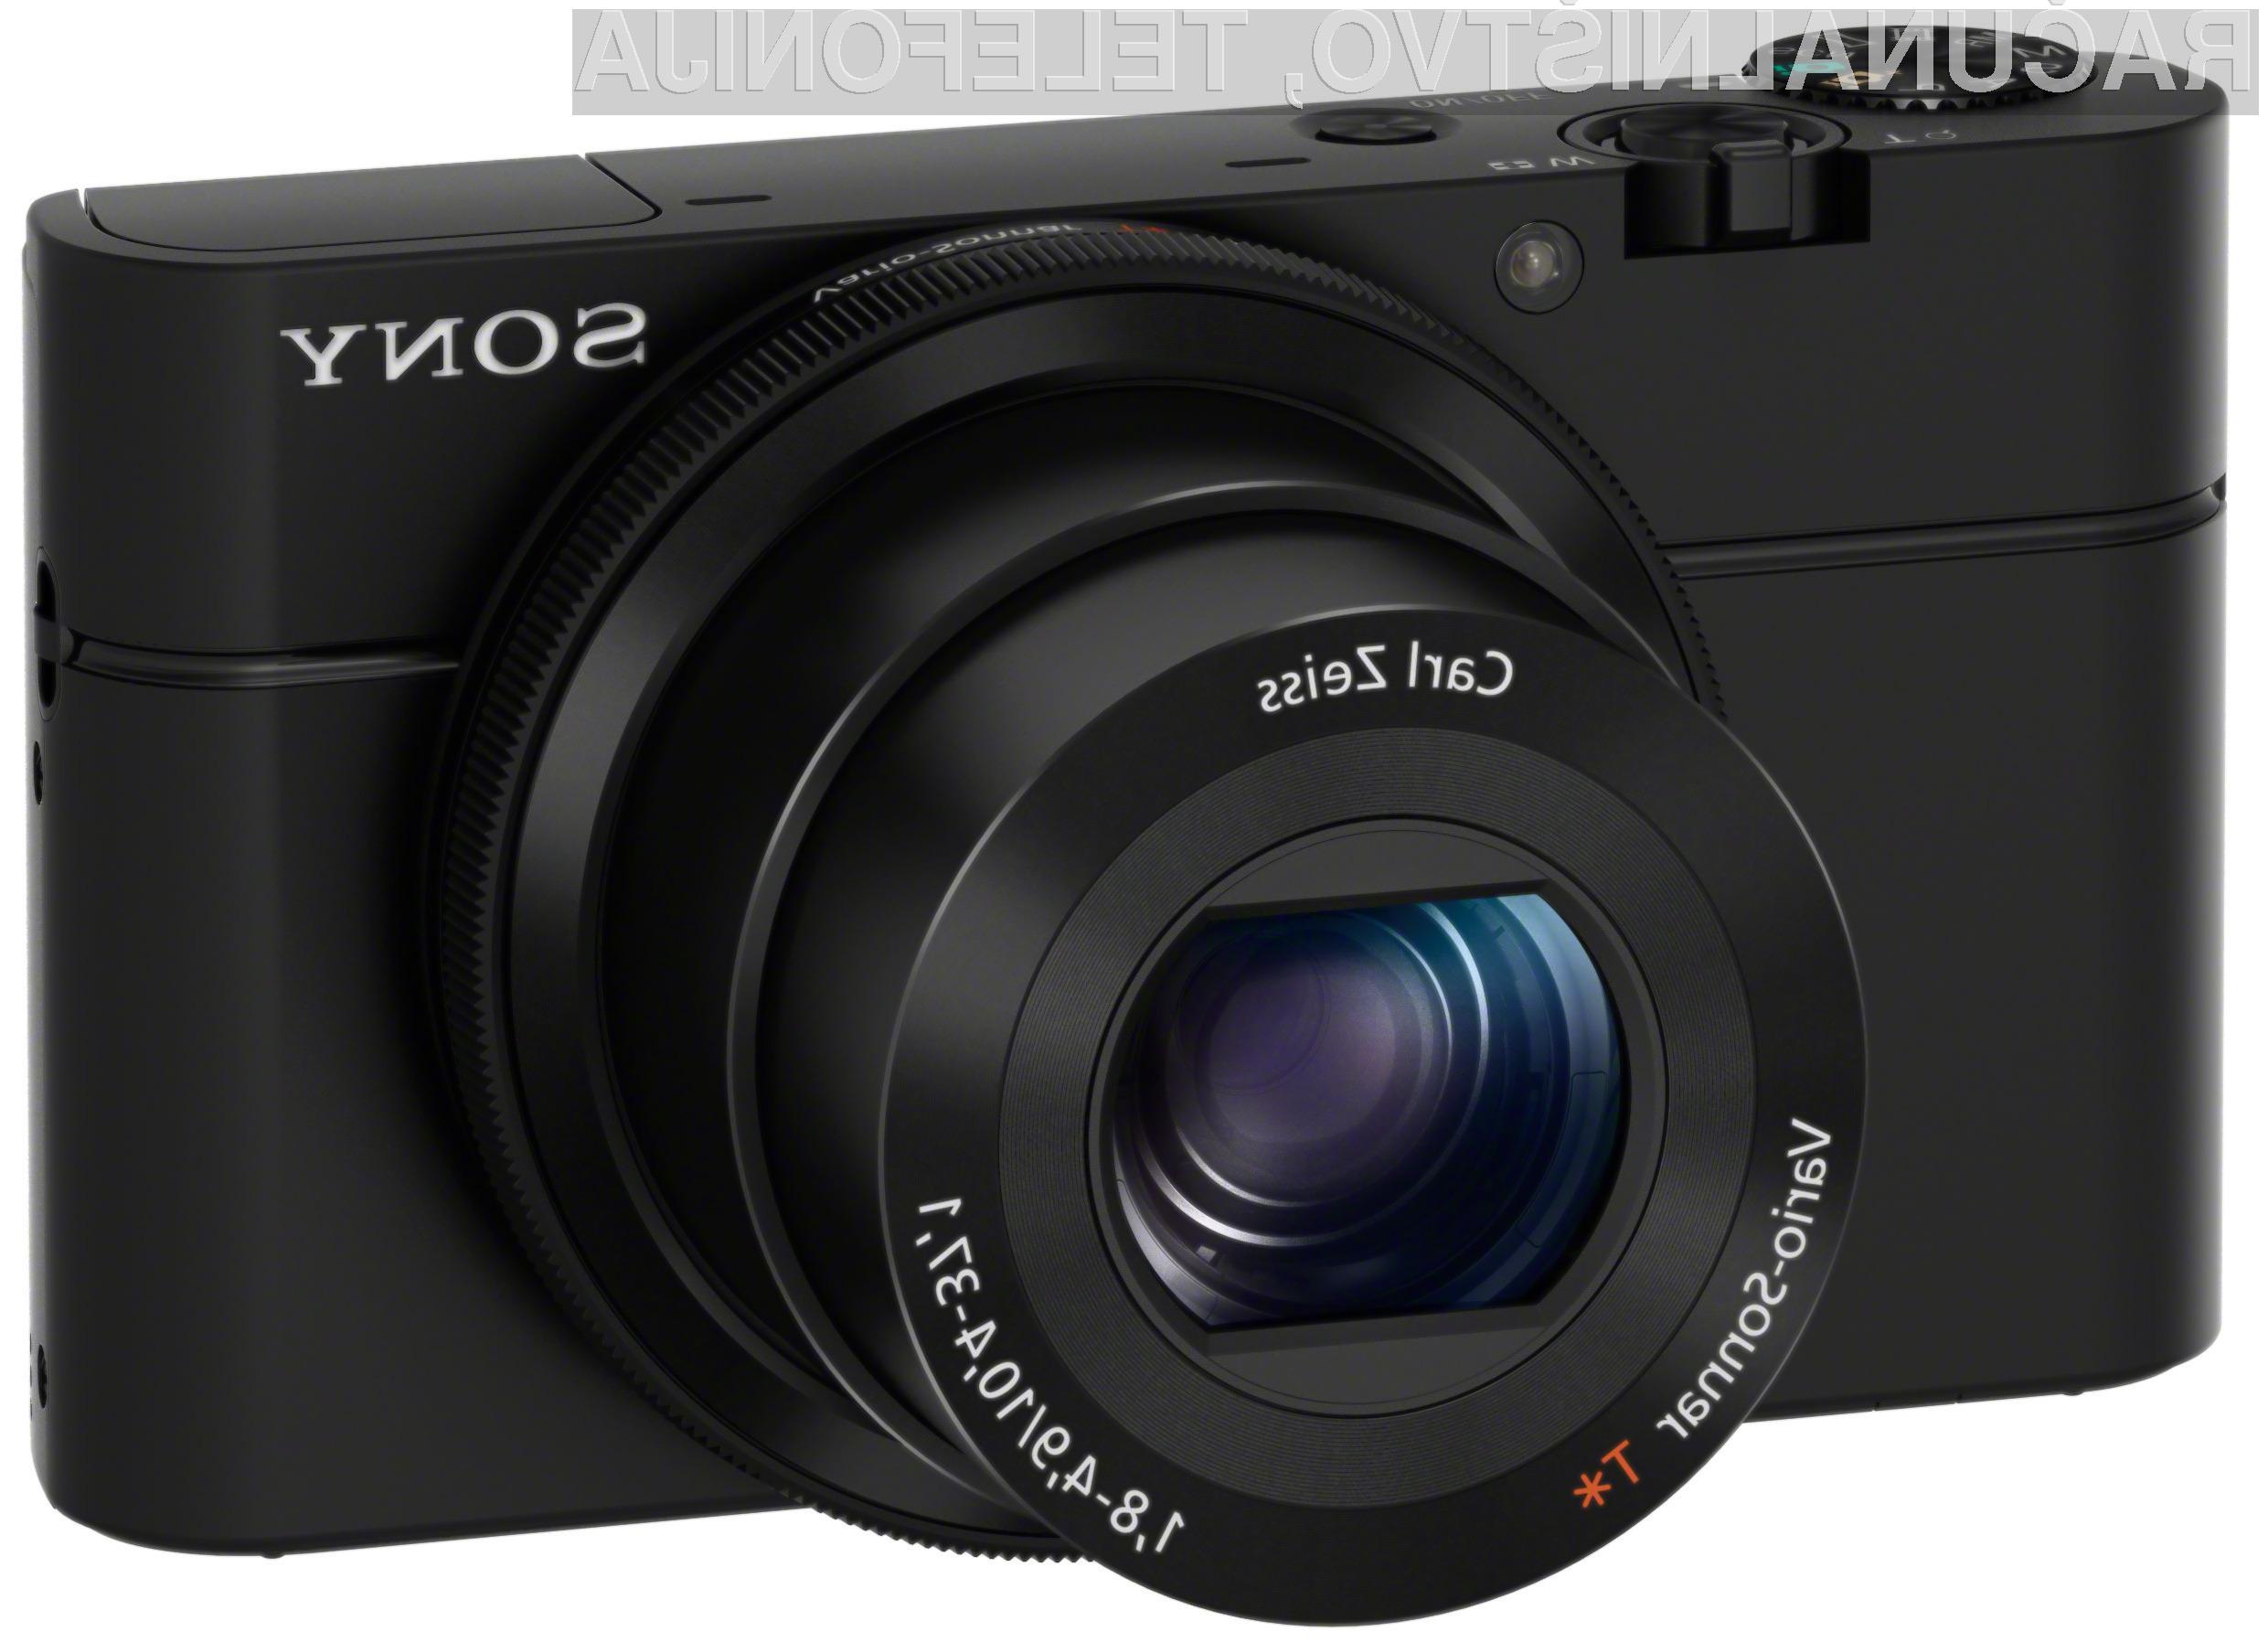 Sony Cyber-shot DSC-RX100: Zmogljivost, kakovost in kompaktnost v enem.